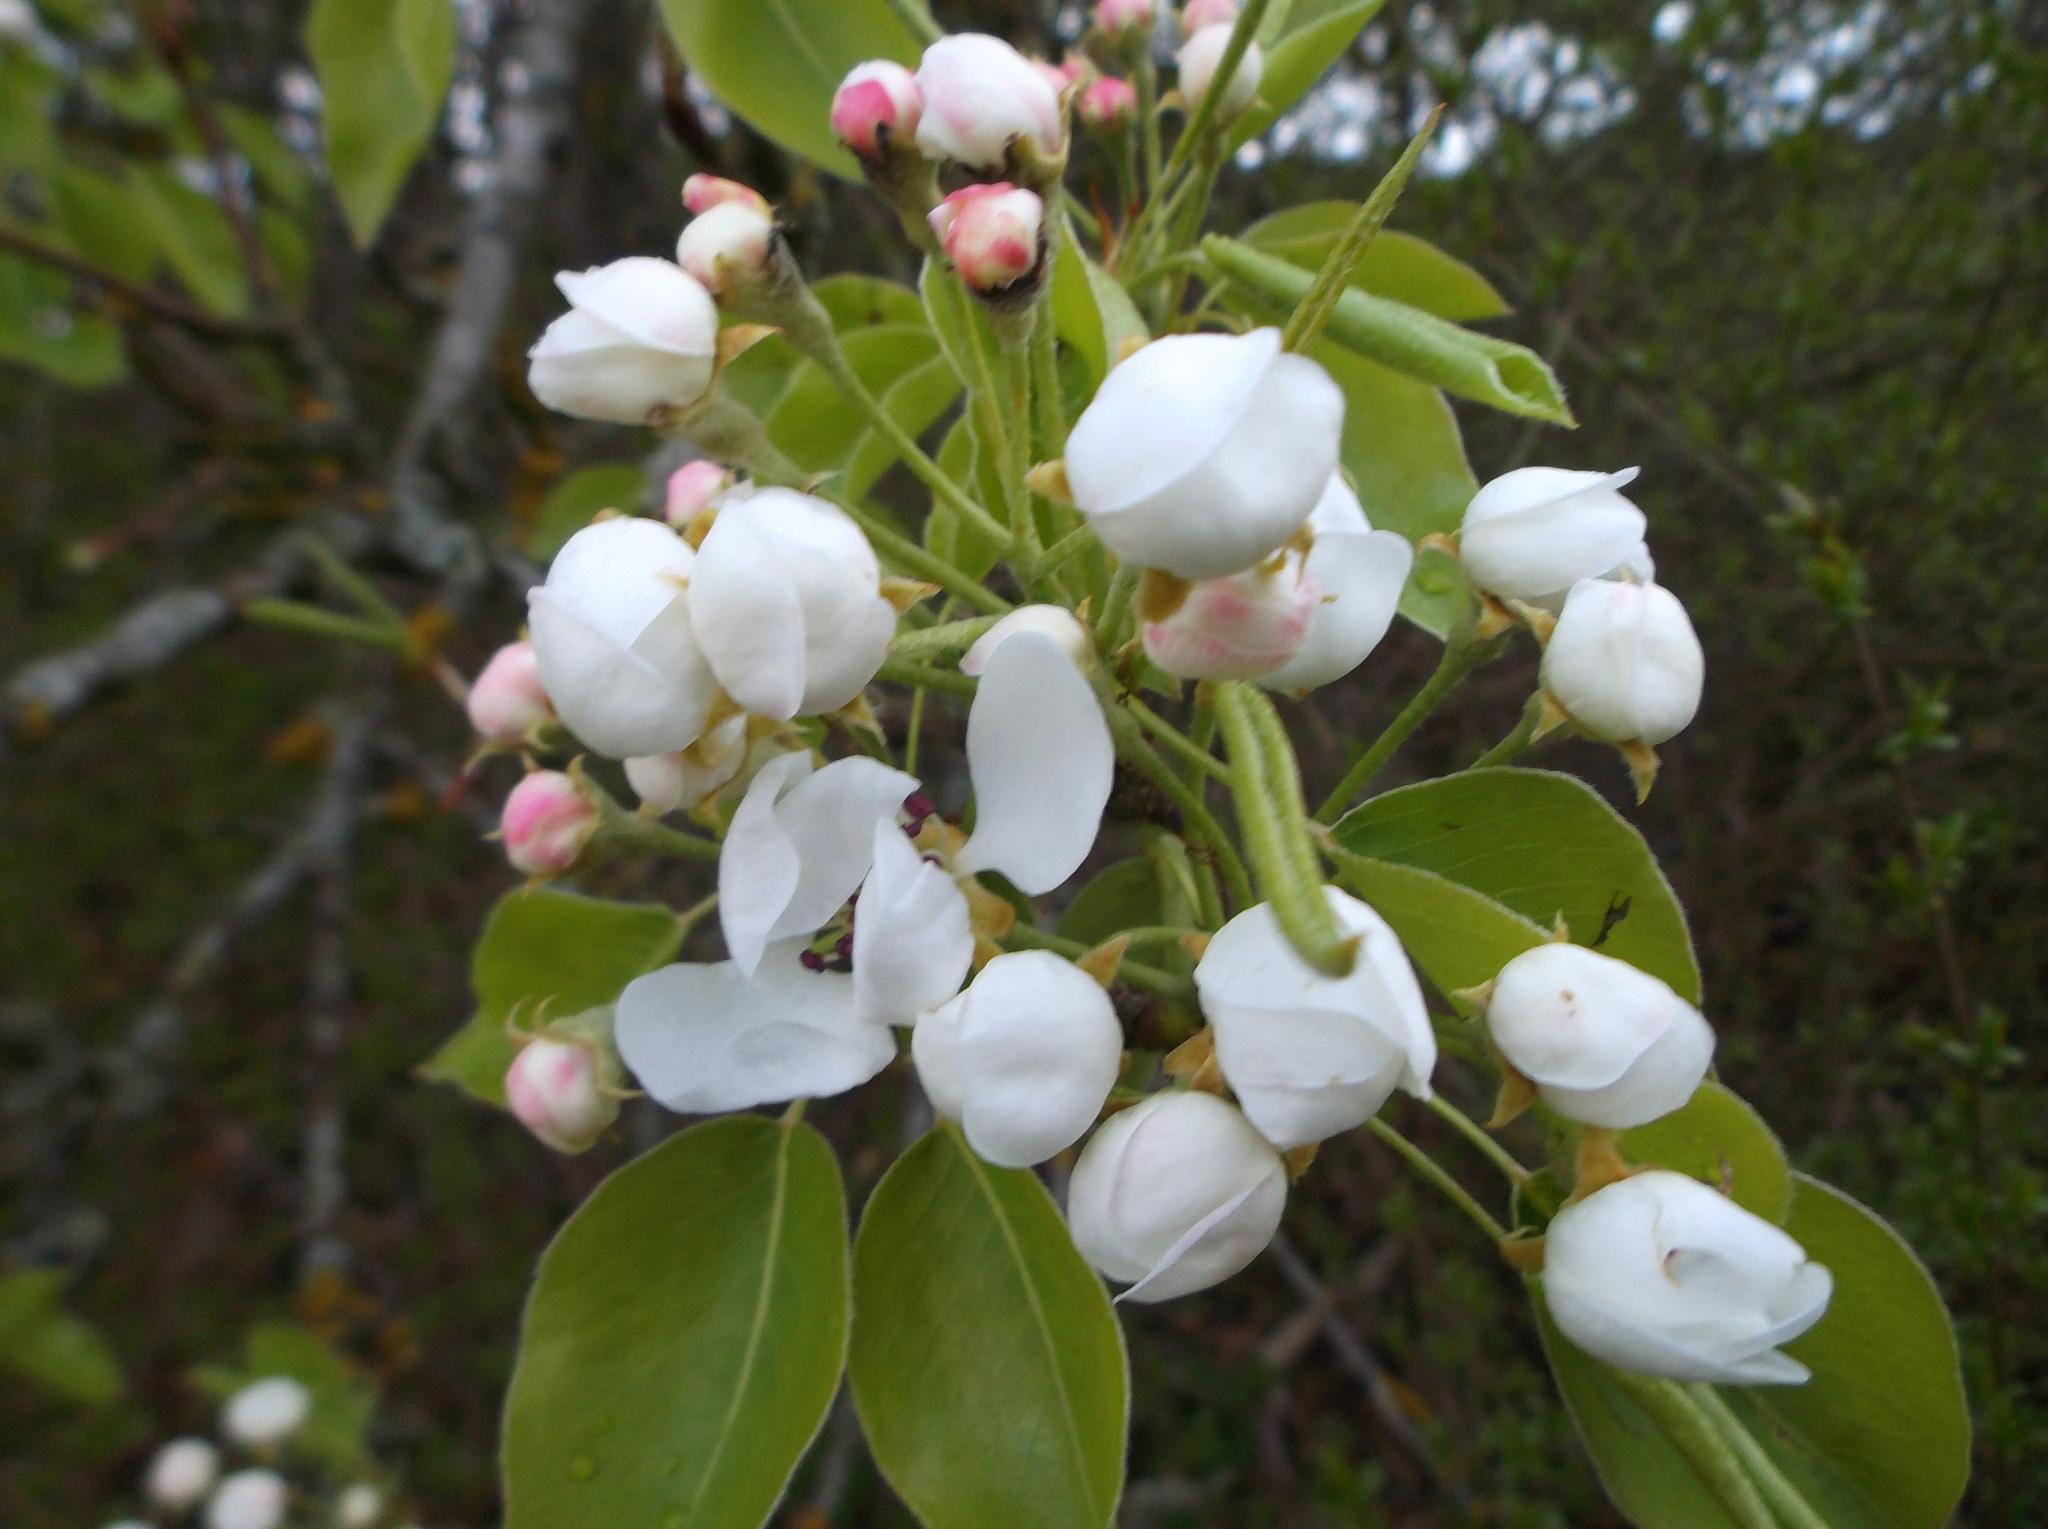 Blooming wild pears by uzkuraitiene62